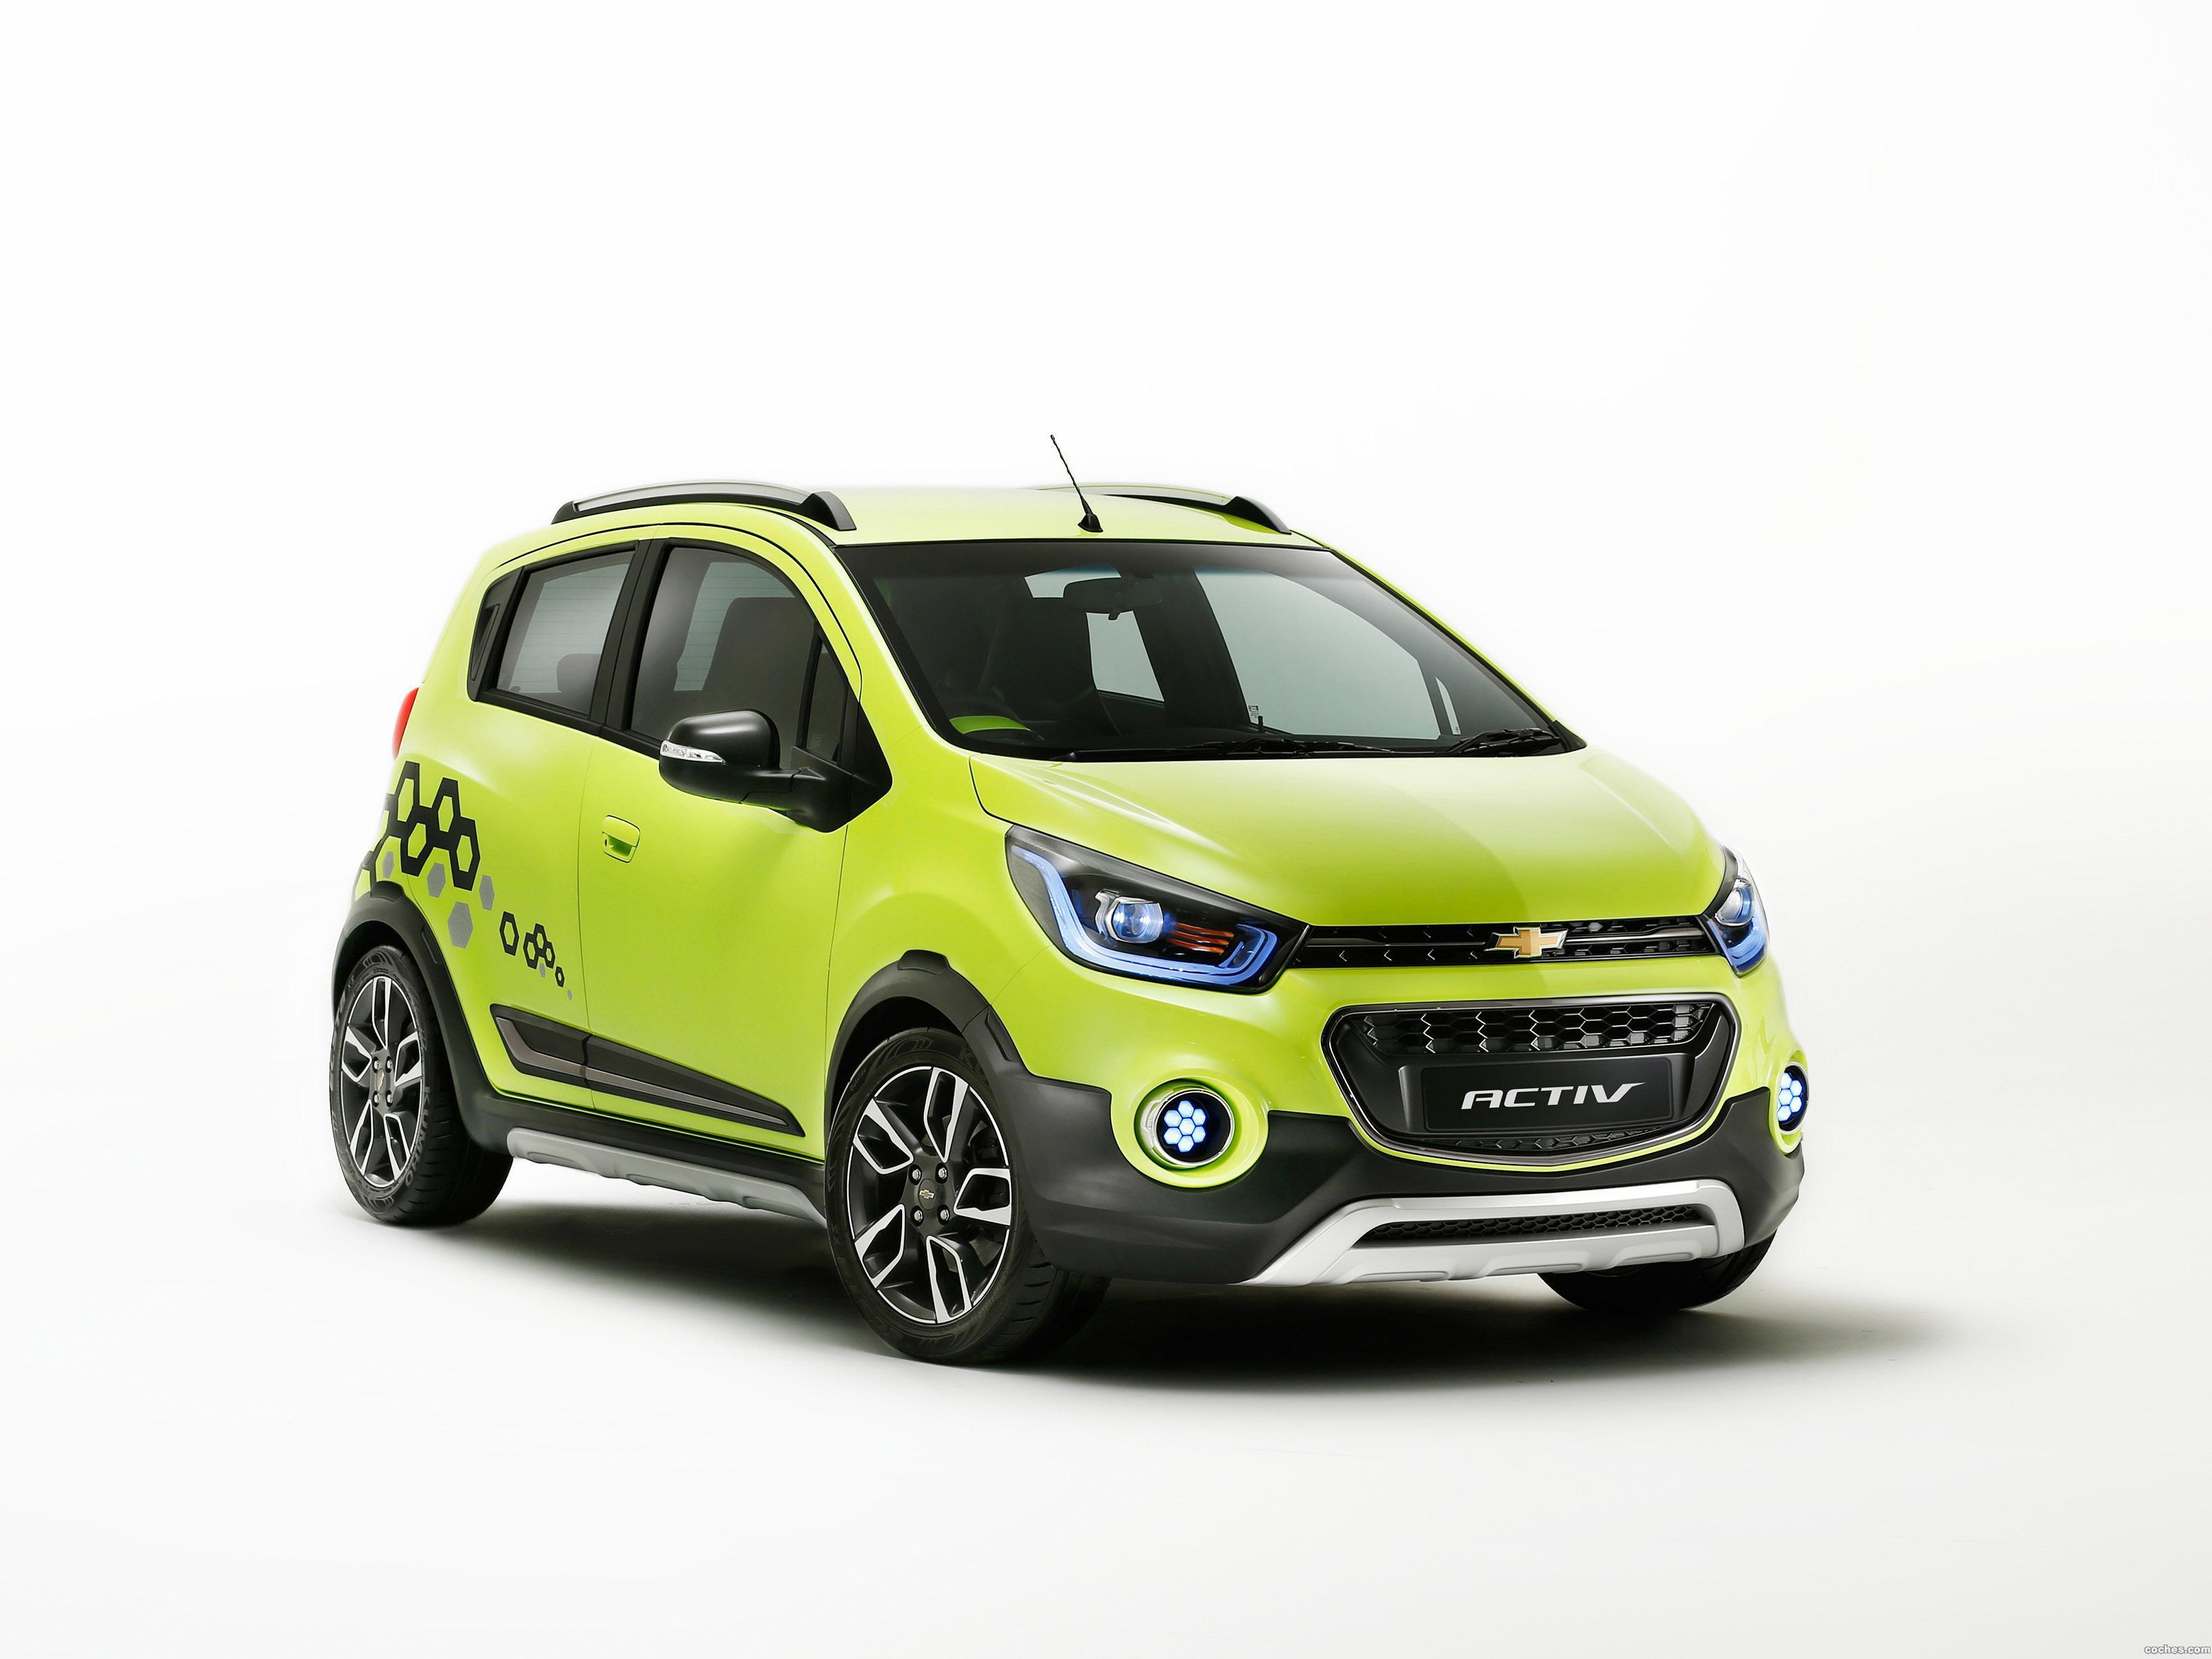 Foto 0 de Chevrolet Beat Activ Concept 2016